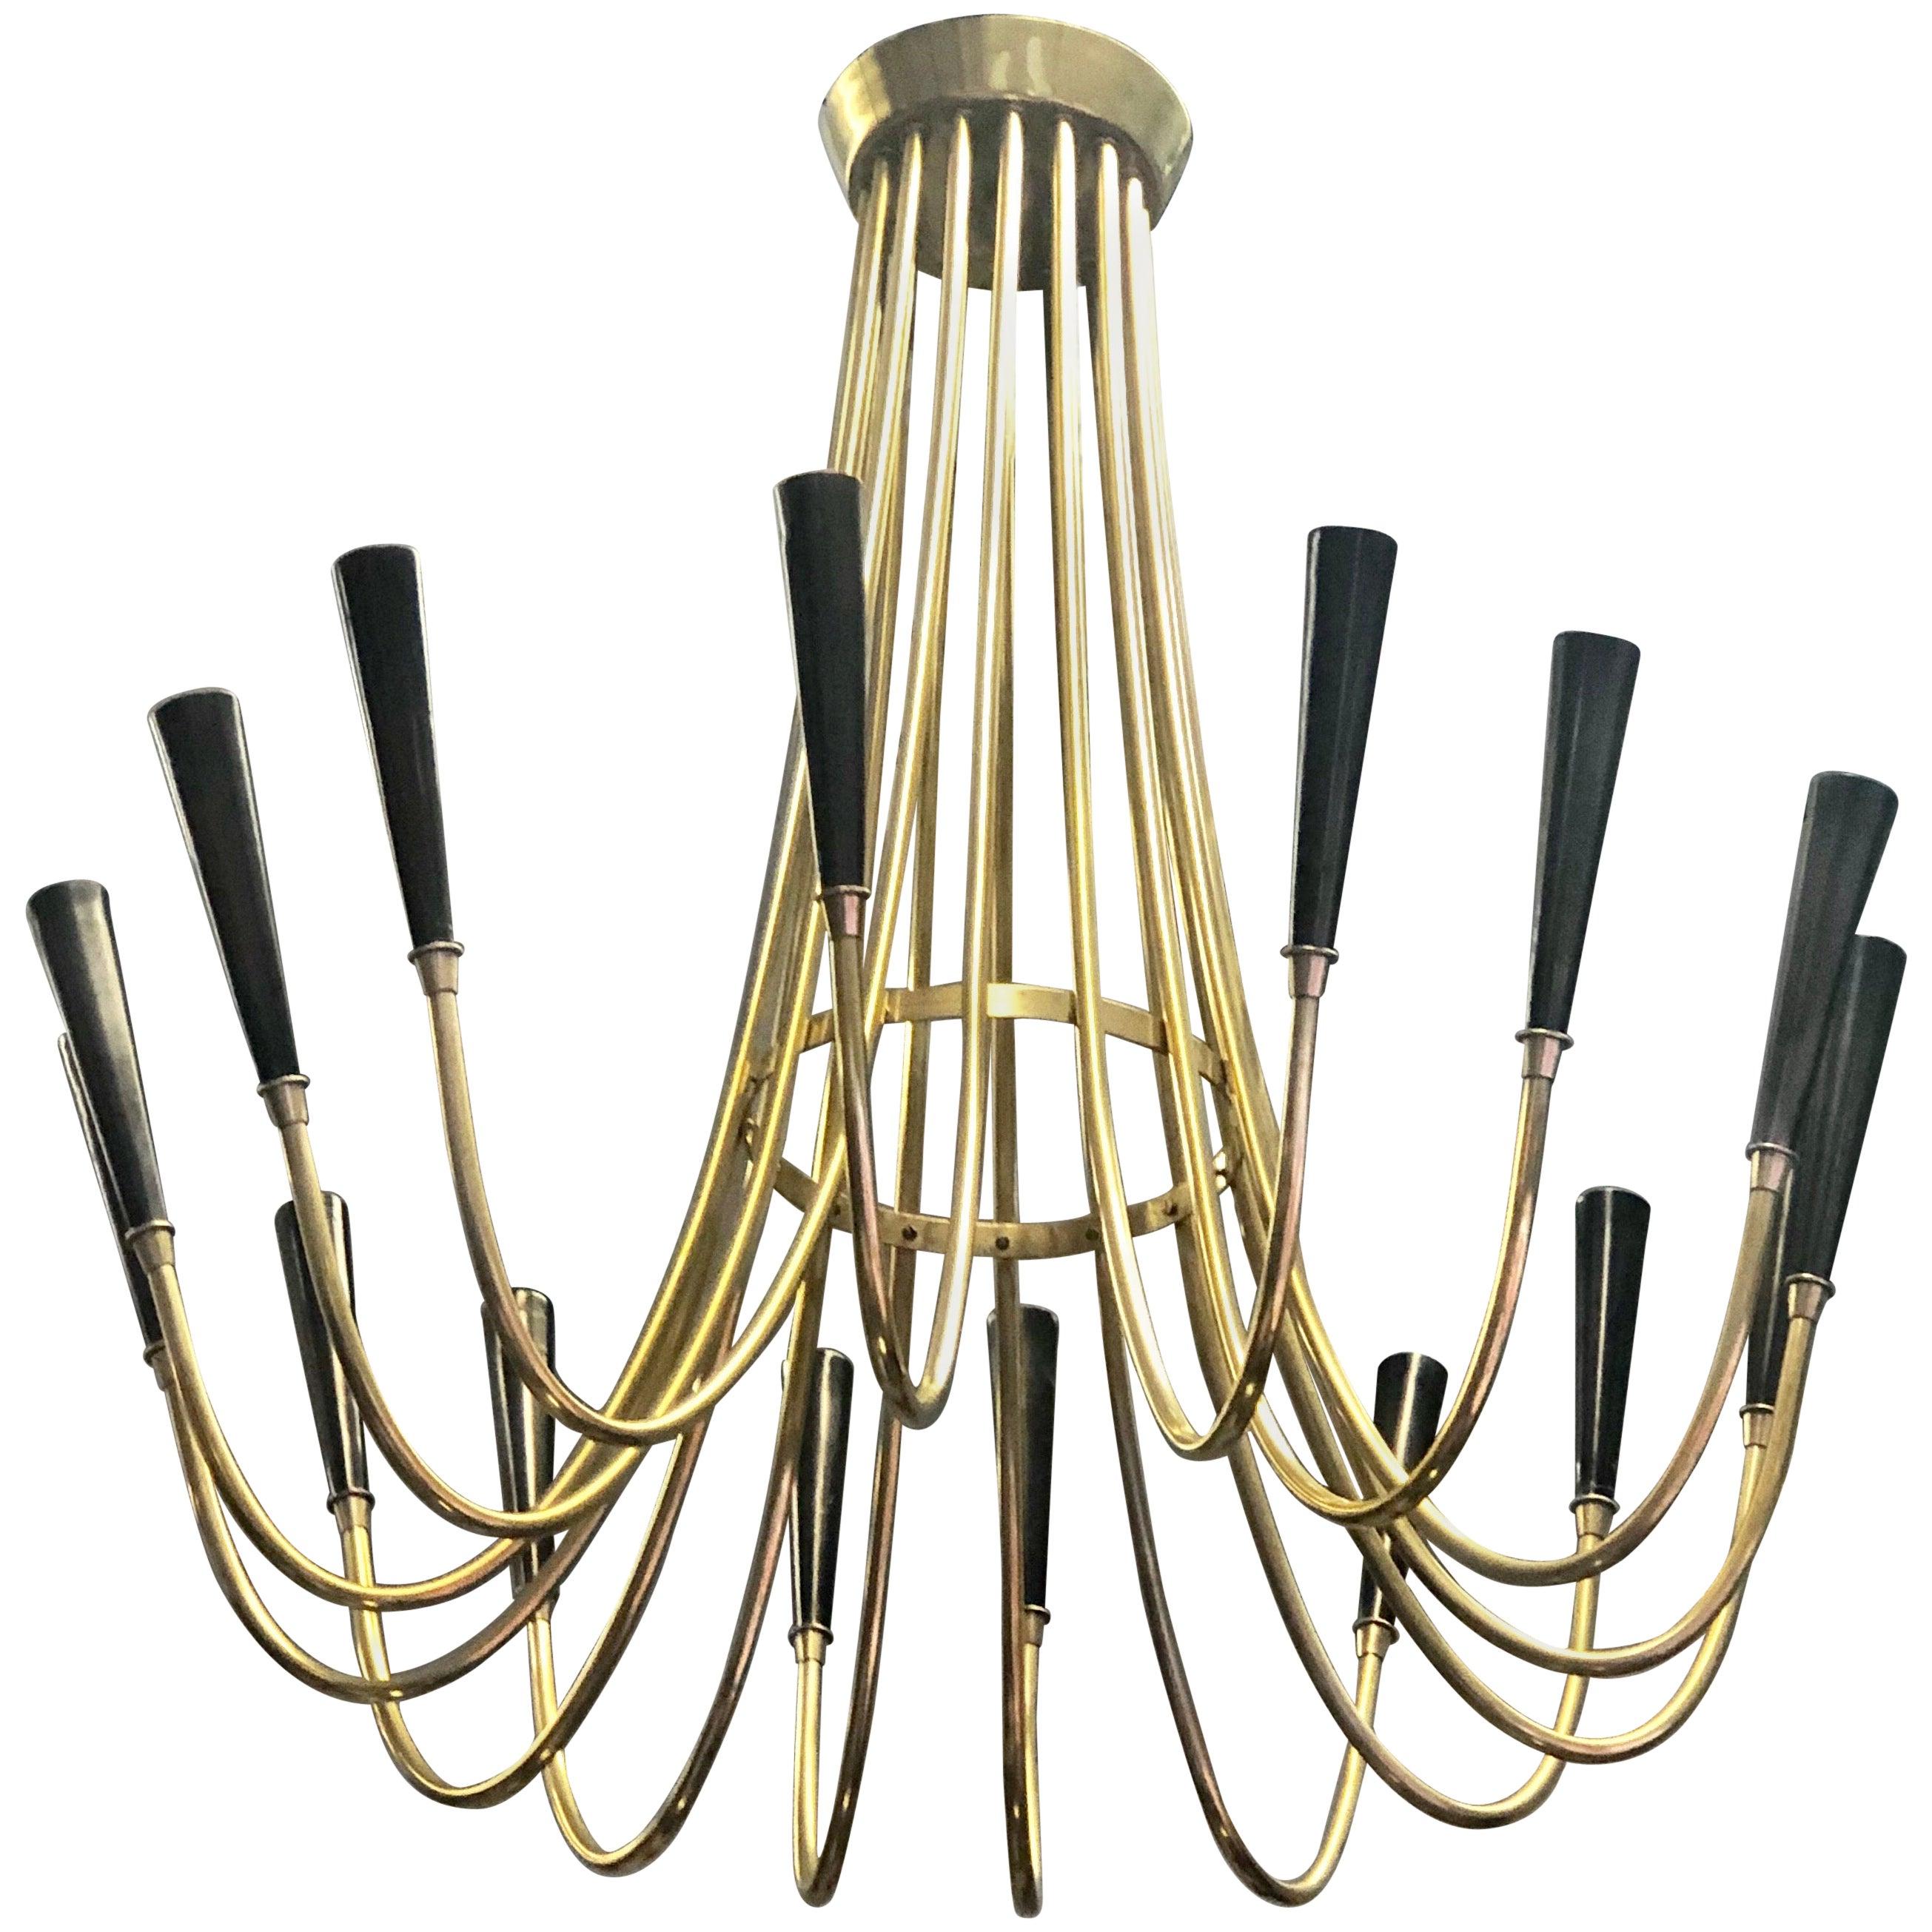 Italian Midcentury Brass Sunburst Chandelier Attributed to Guglielmo Ulrich